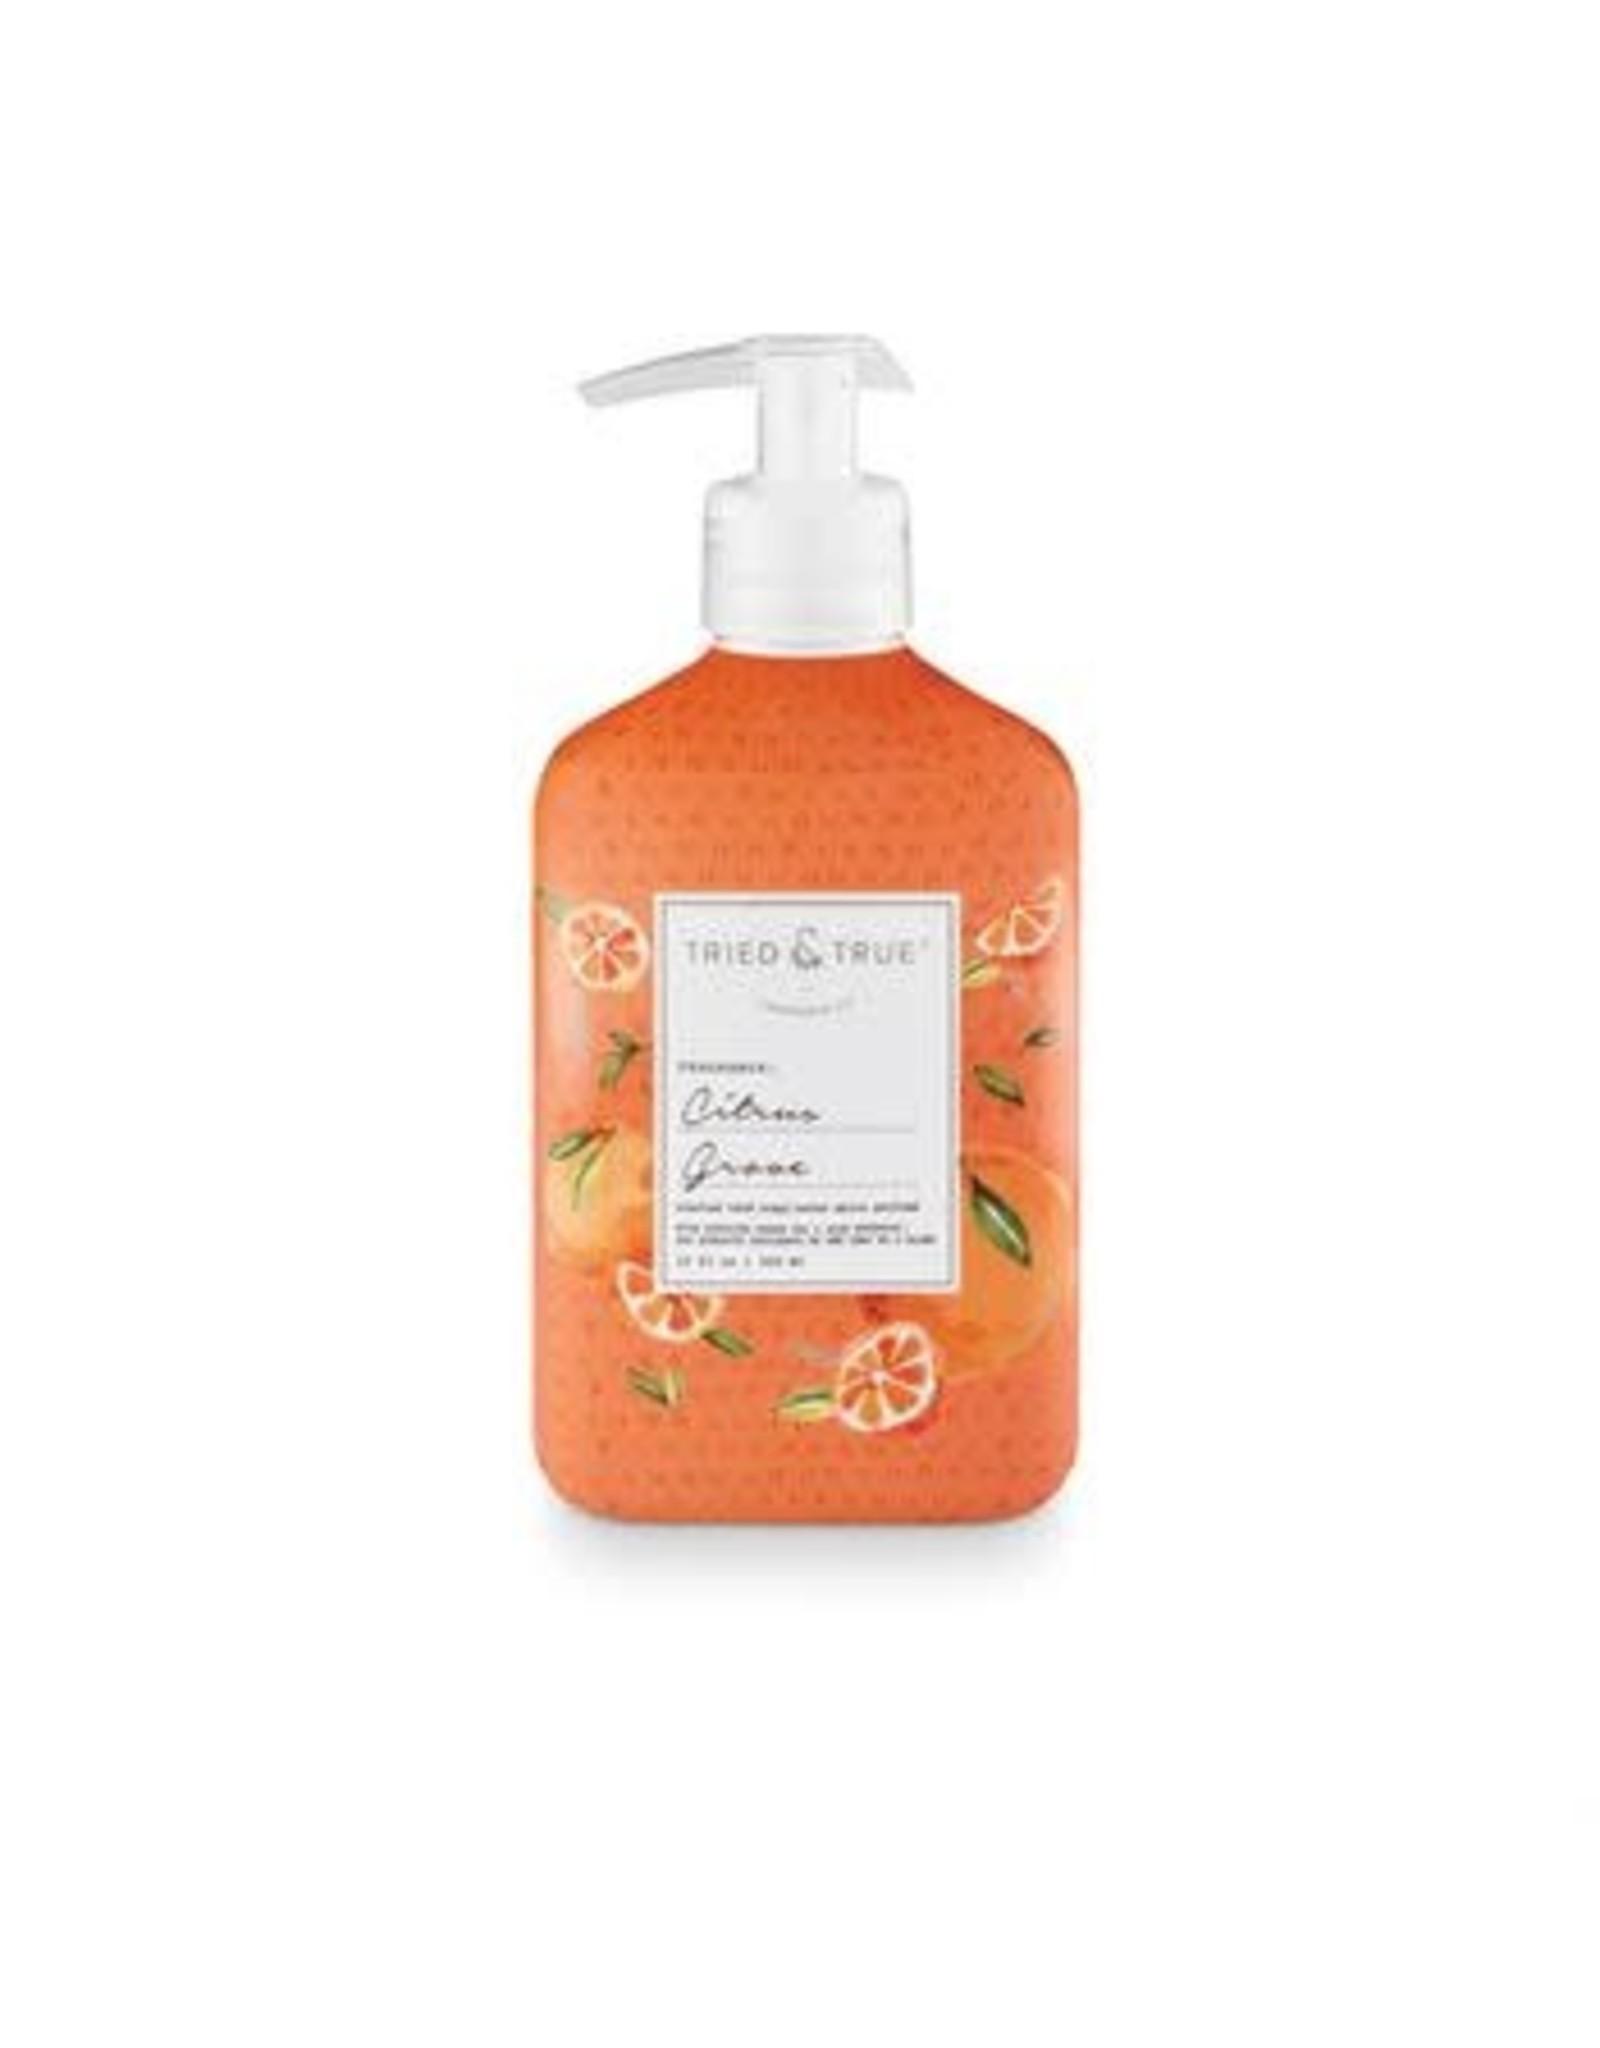 Tried & True 12 oz Hand Wash - Citrus Grove